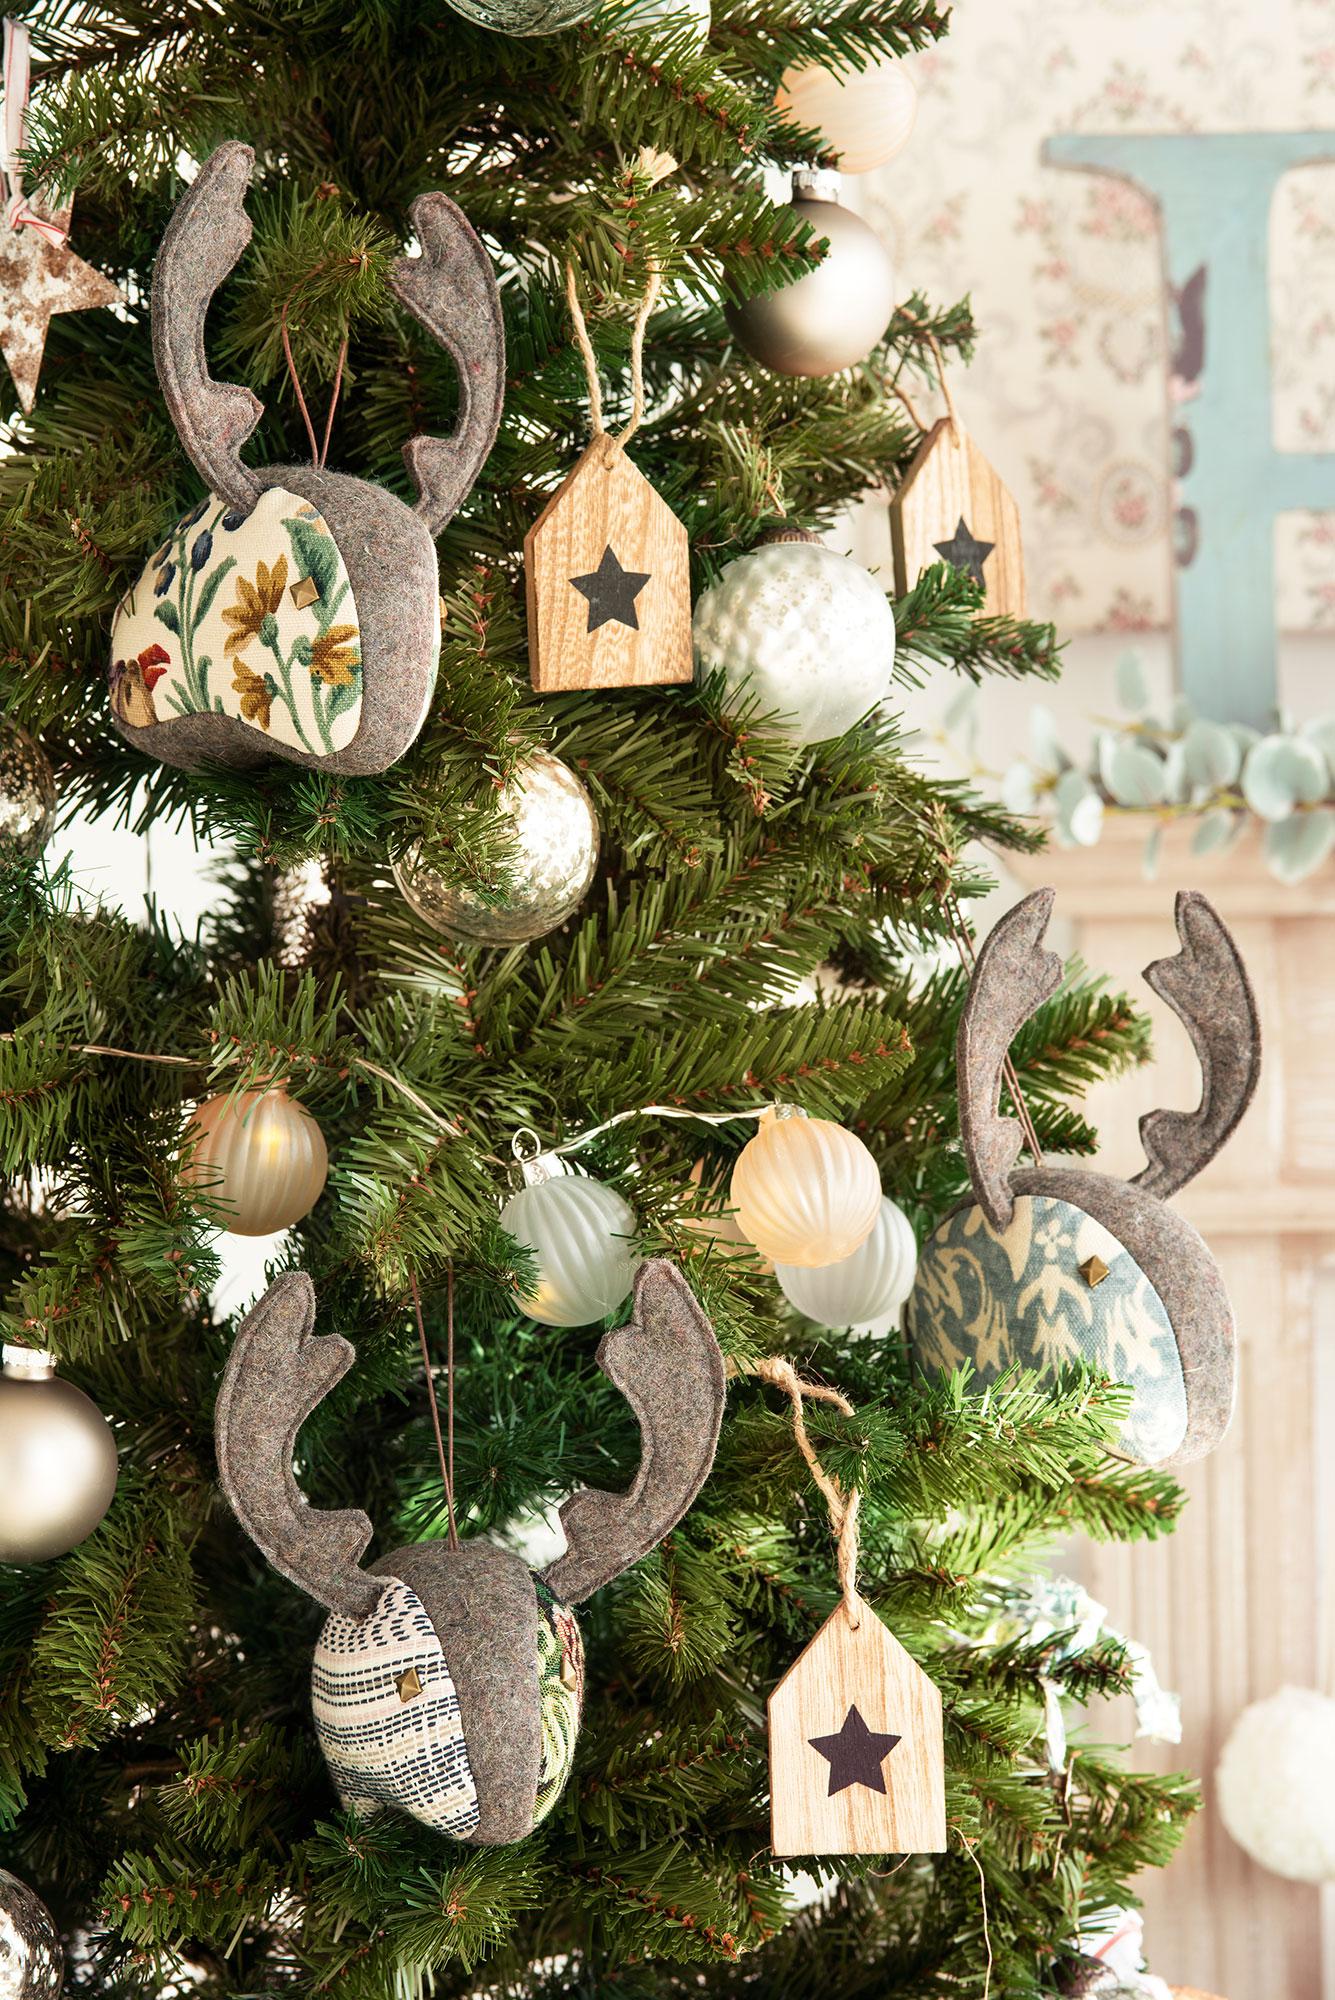 detalles adornos navideos de madera fieltro y tela